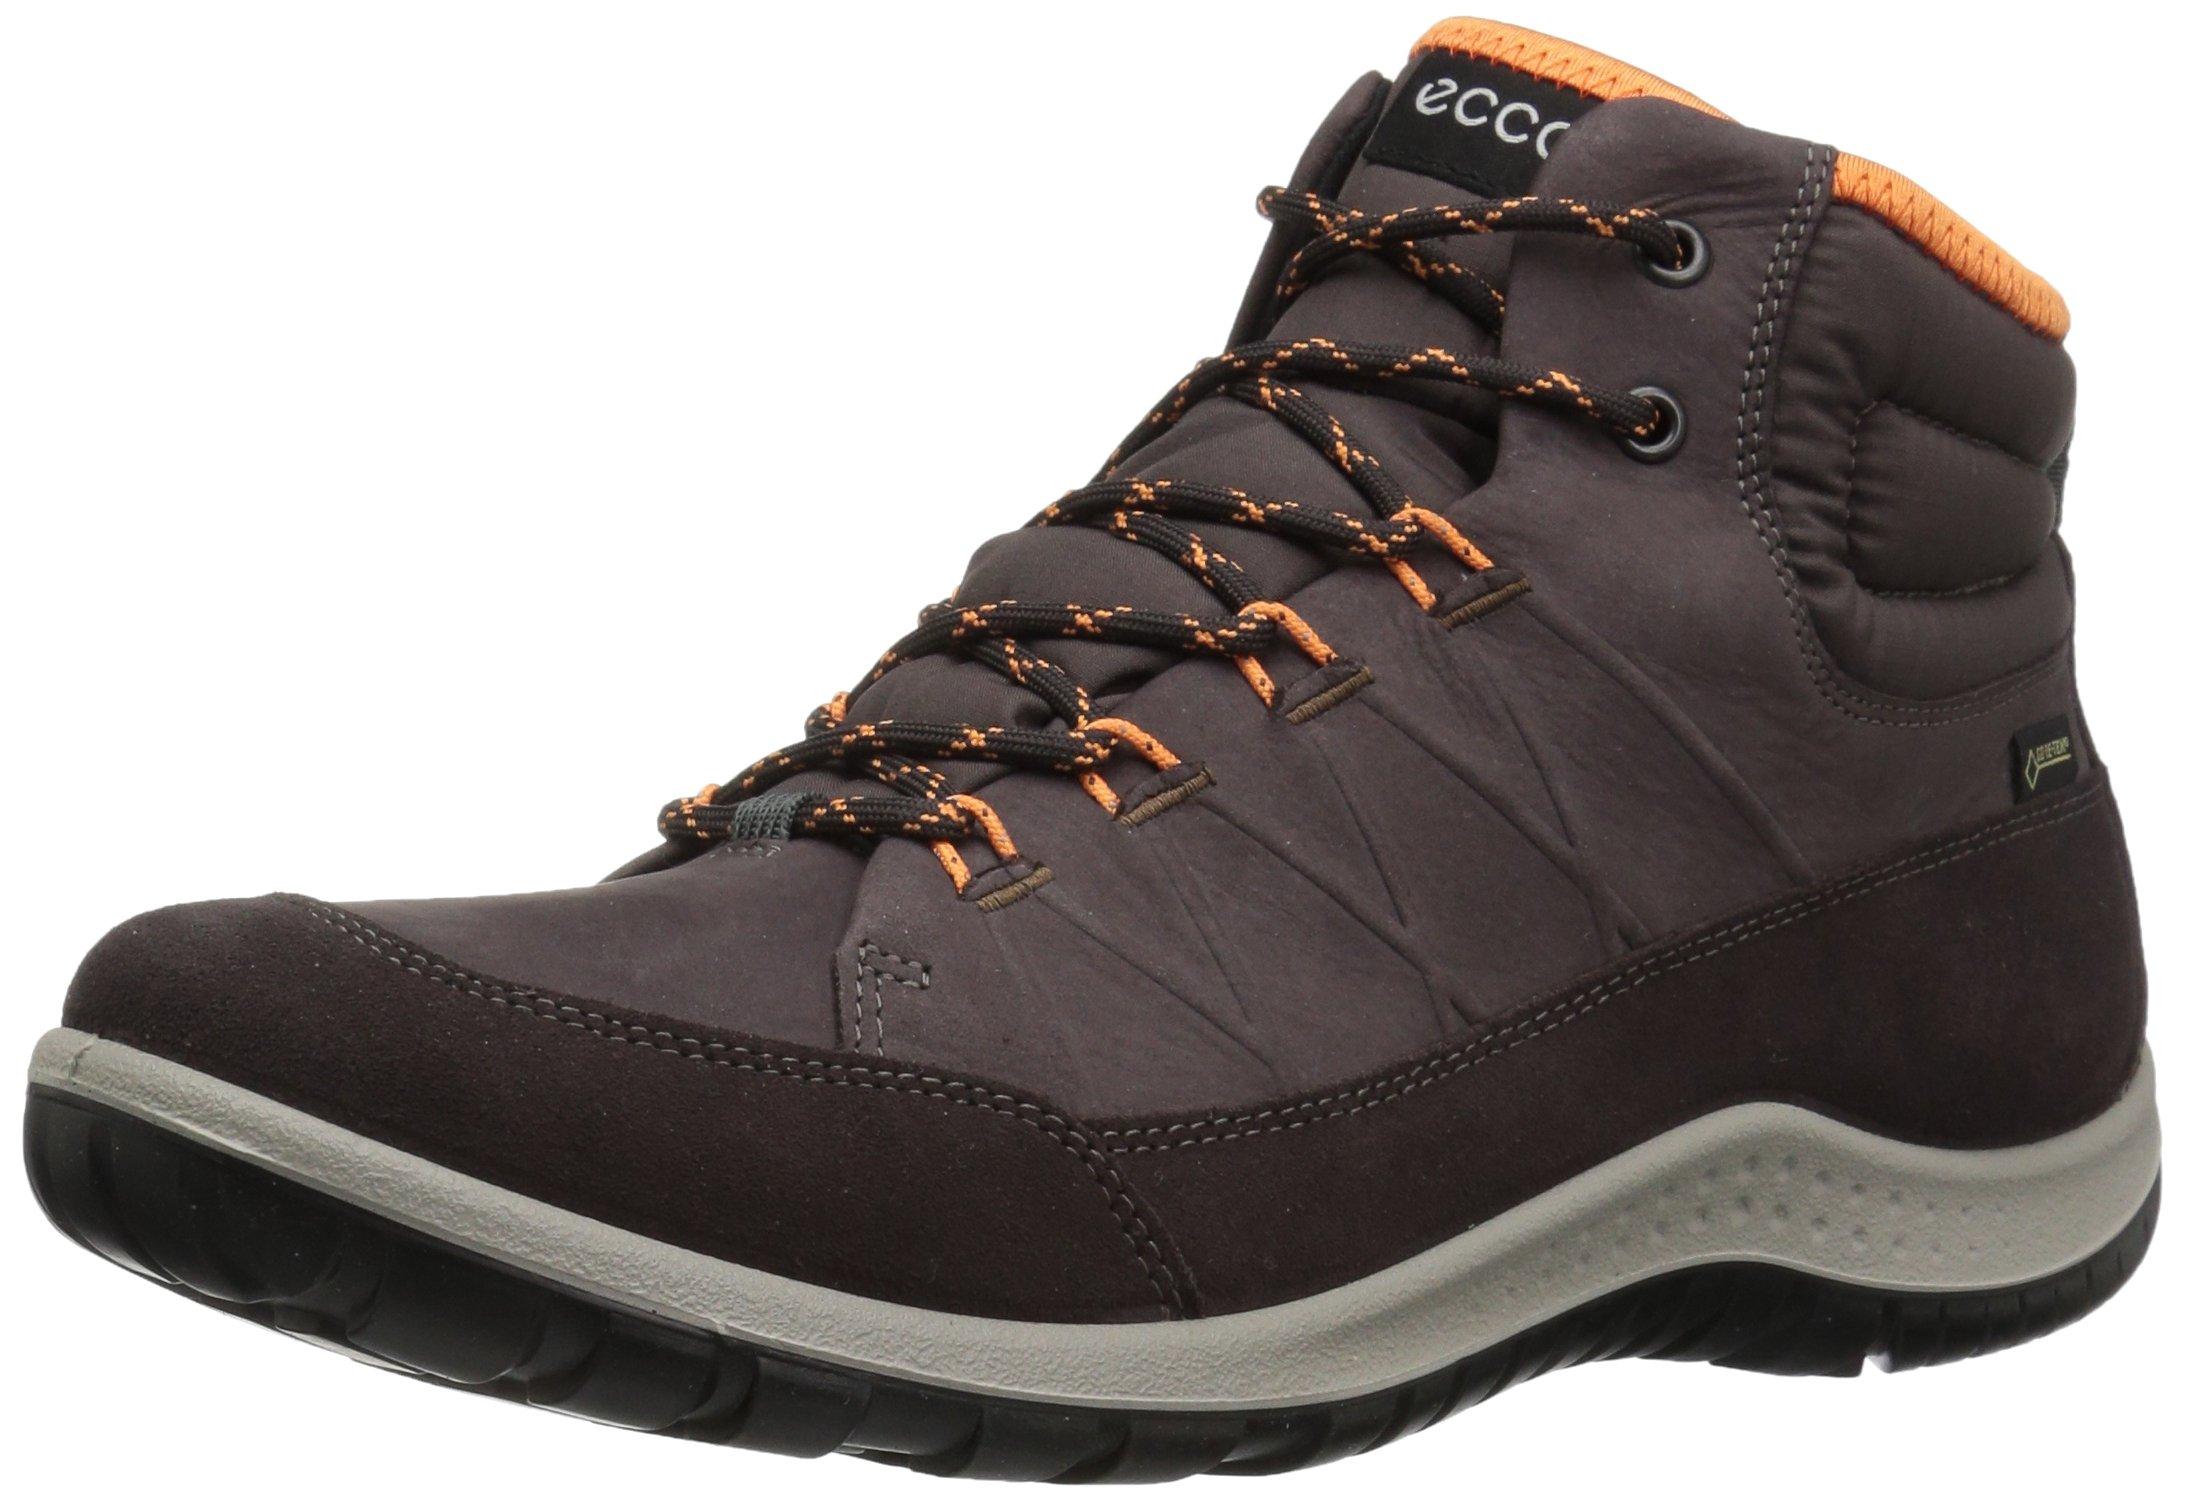 ECCO Women's Aspina High Gore-Tex Hiking Shoe